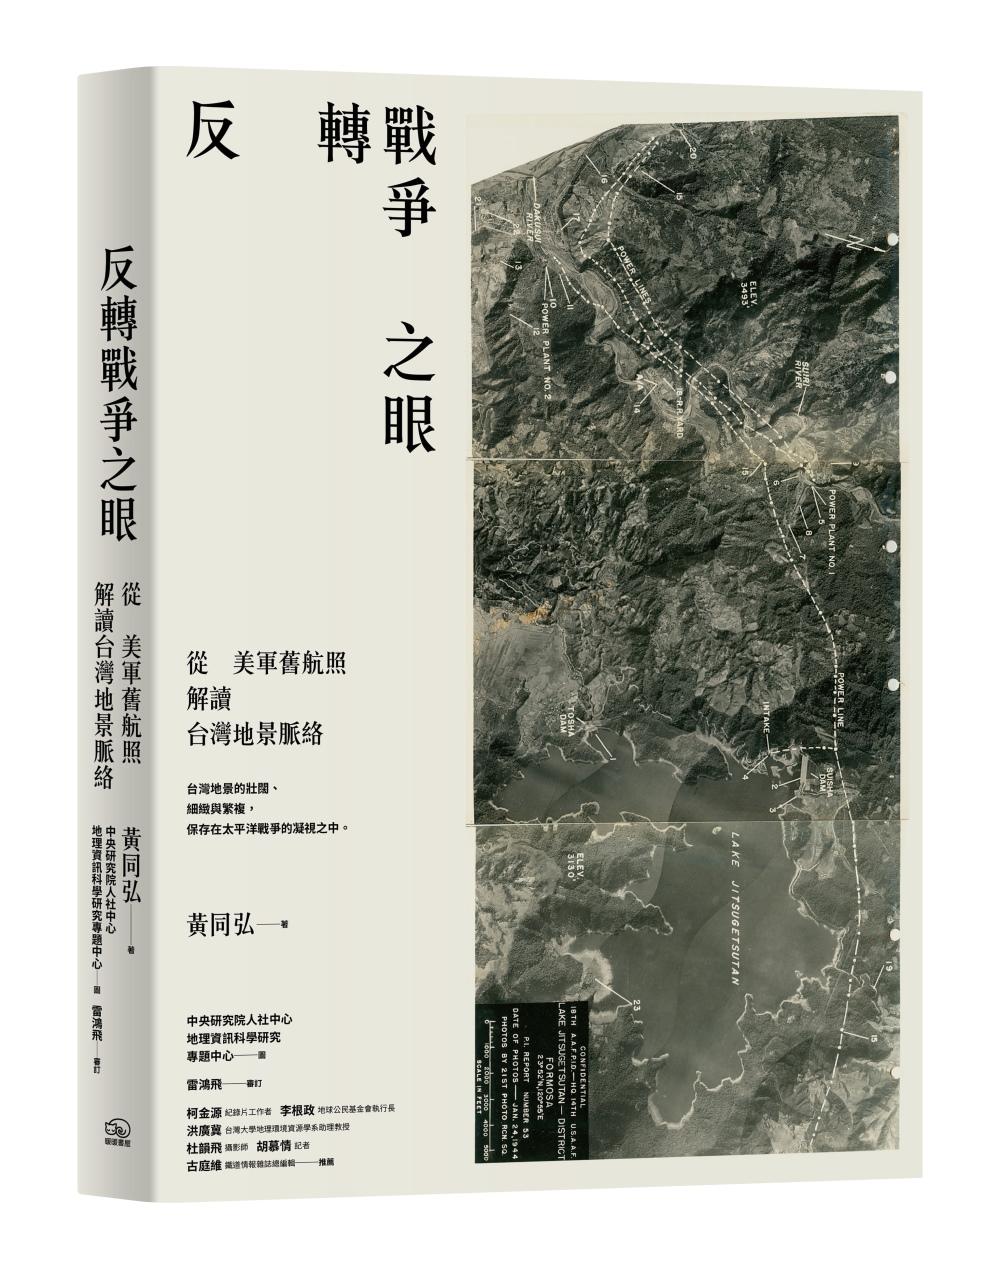 反轉戰爭之眼:從美軍舊航照解讀台灣地景脈絡